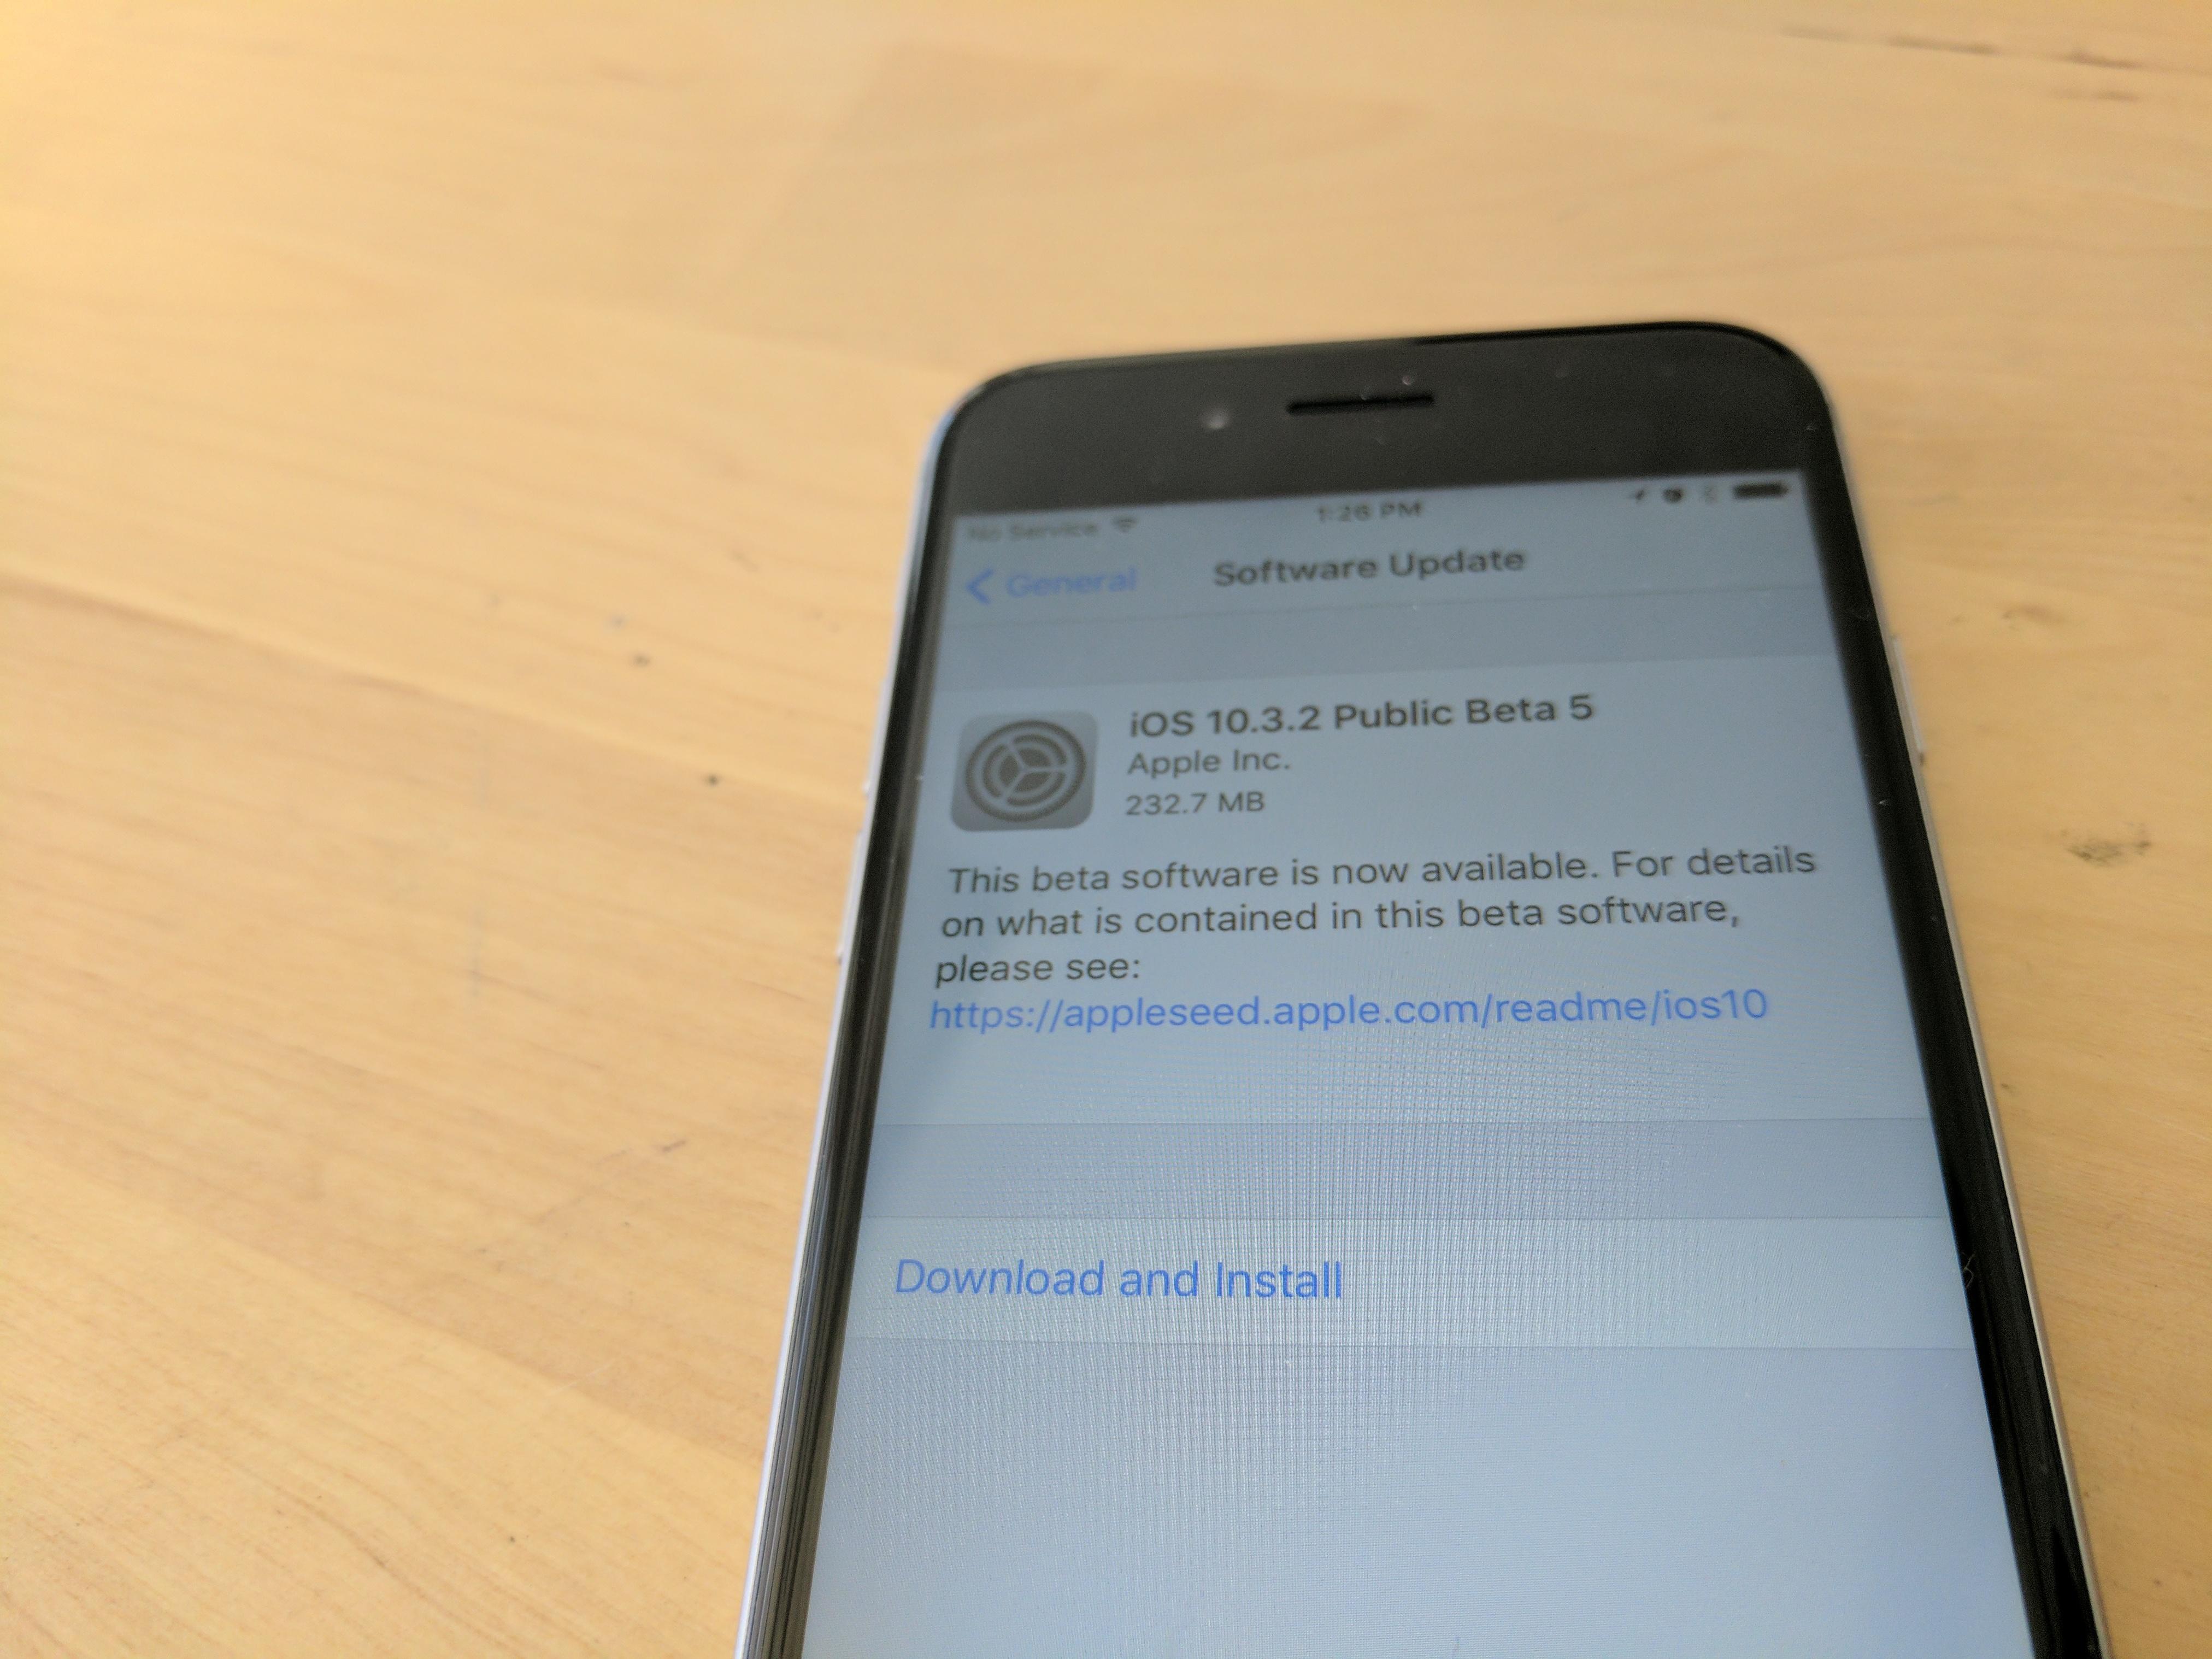 IOS 10.3.1 Jailbreak Latest Release Date Leaks